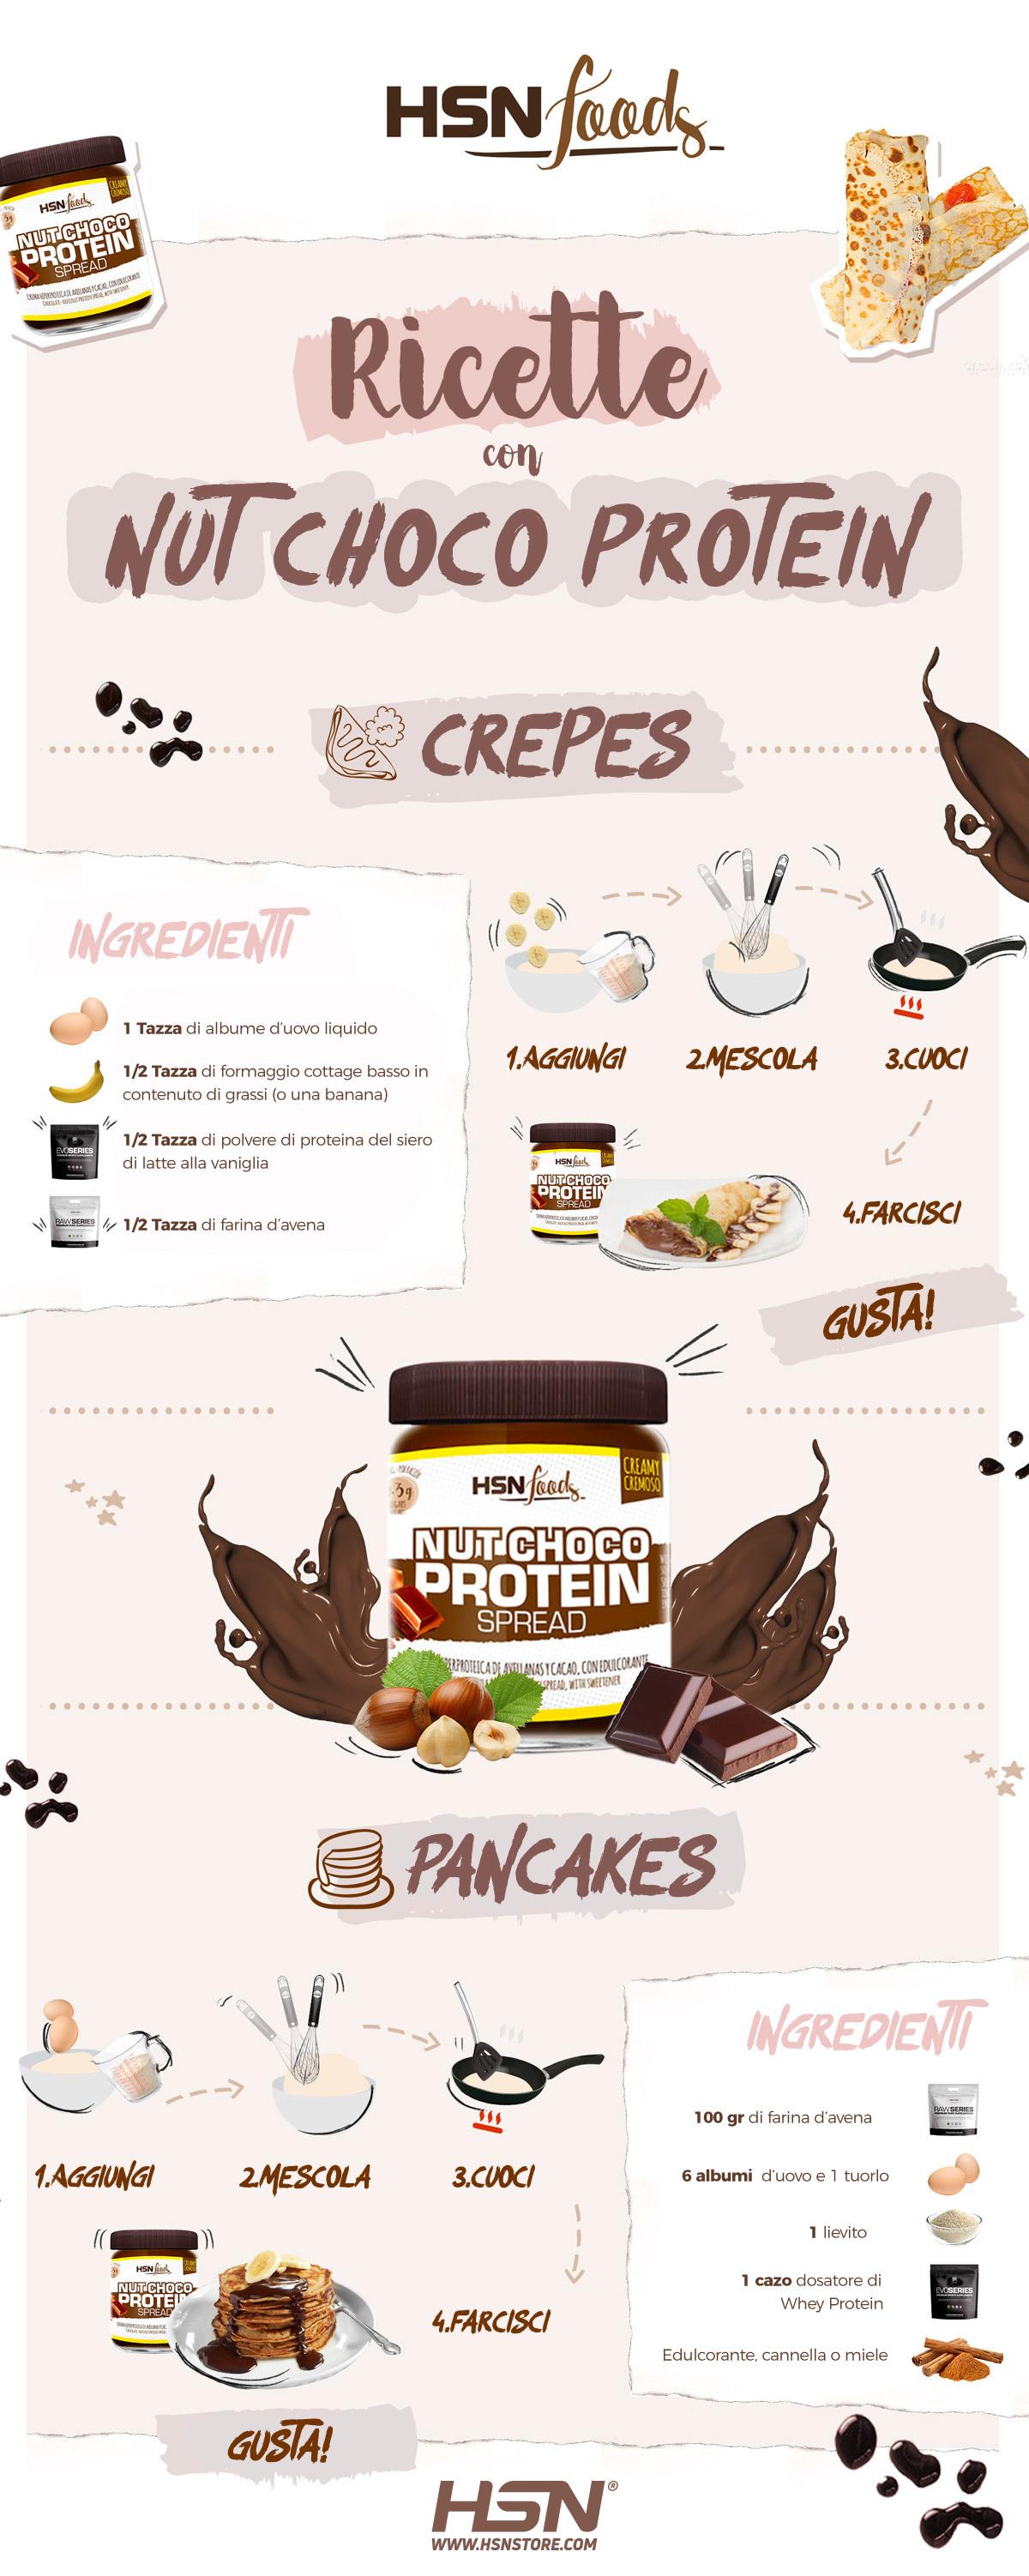 Ricette Nut Choco